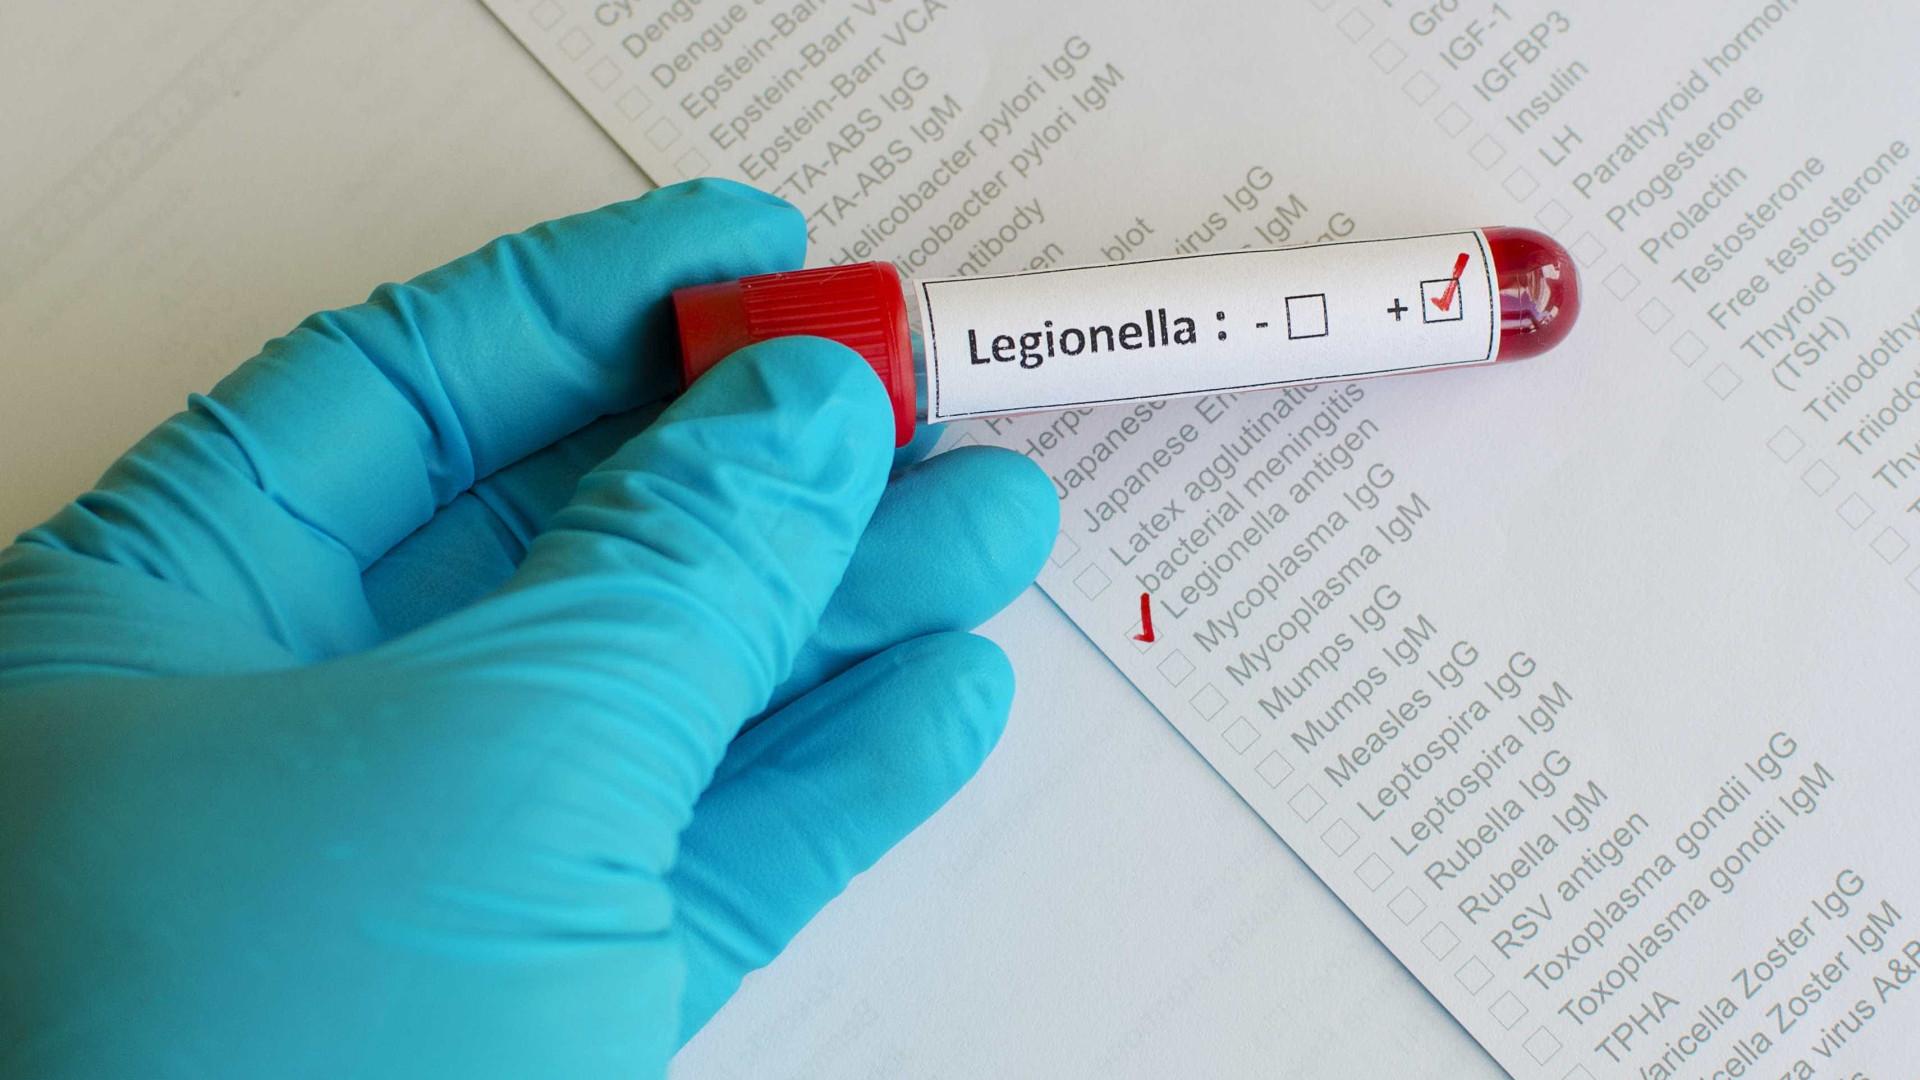 Deputado do PS quer Laboratório da Guarda a fazer análises à legionella